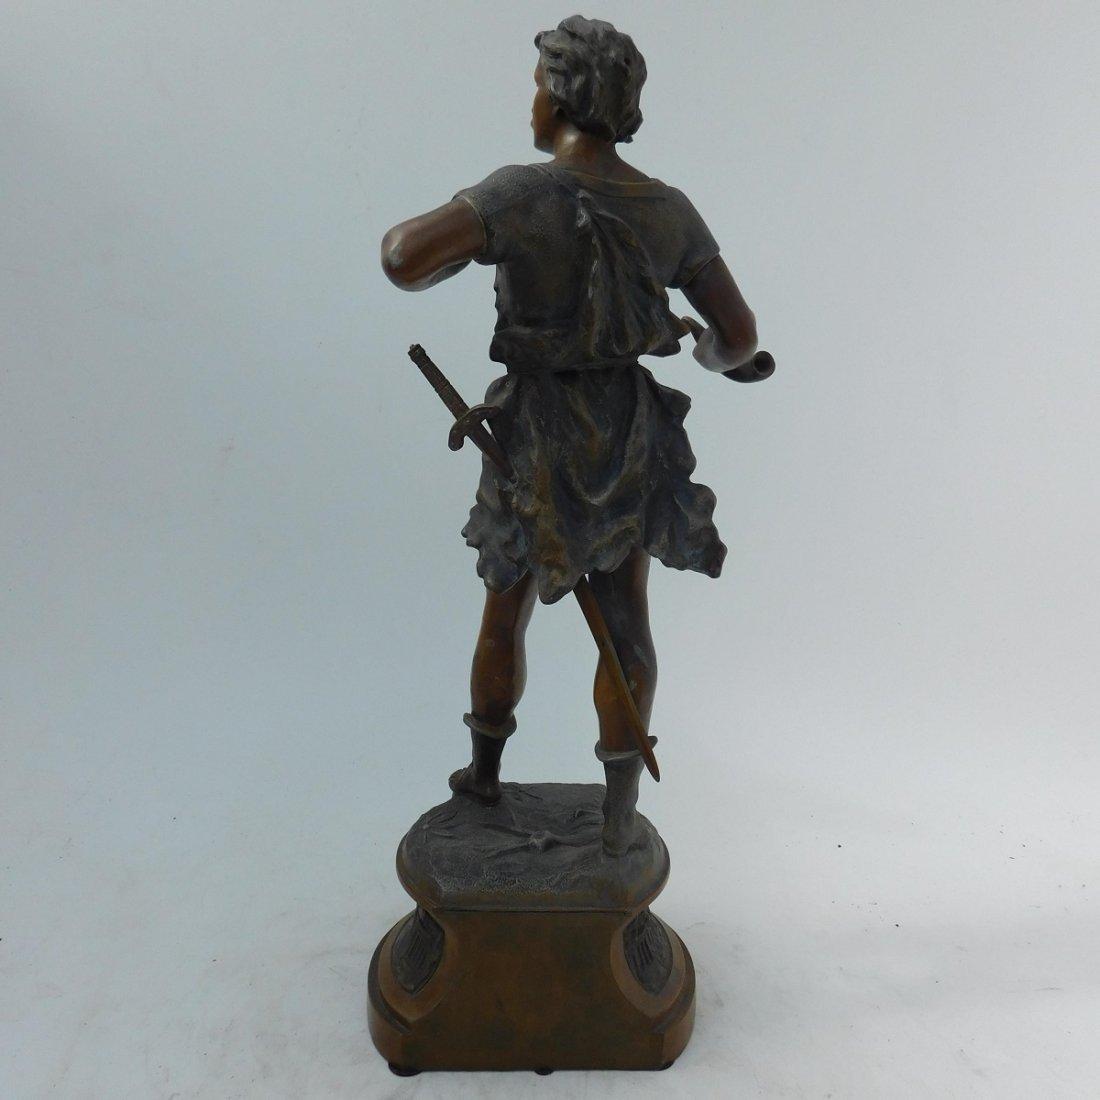 Patinated Metal Sculpture of a Man - 5